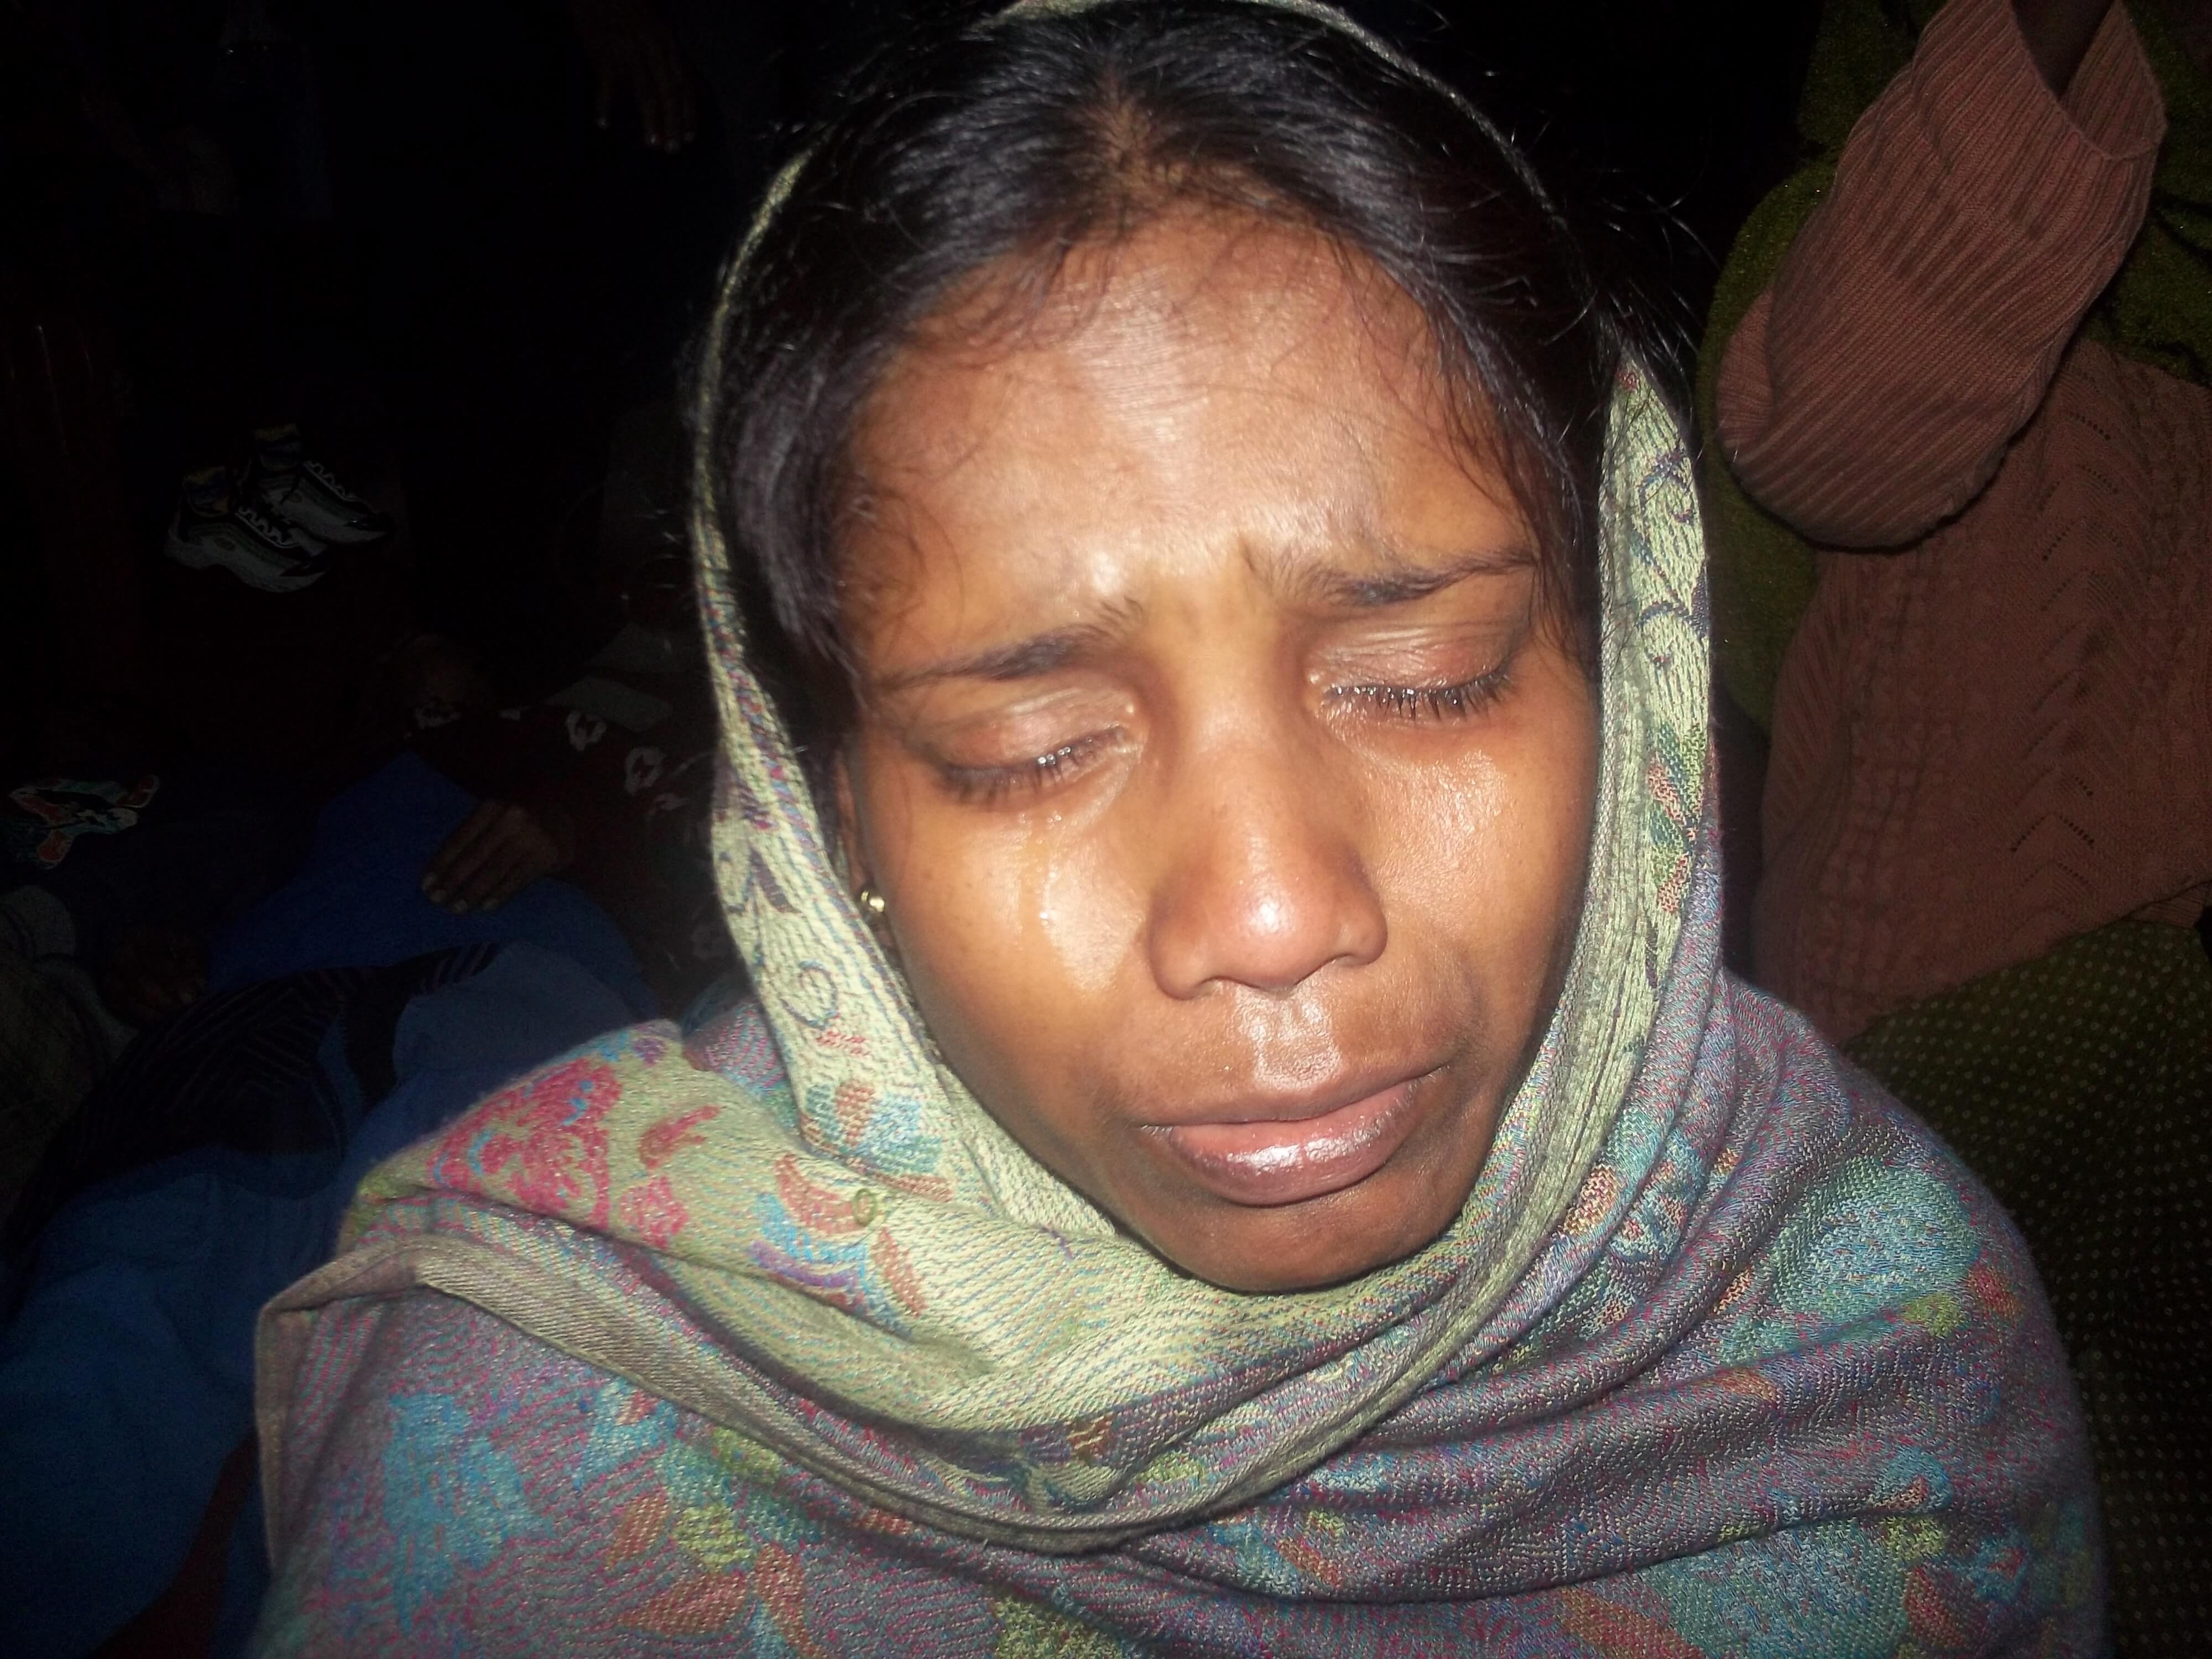 La condition féminine n'est pas facile en Inde : dans les temps de ministère, on voit beaucoup de la